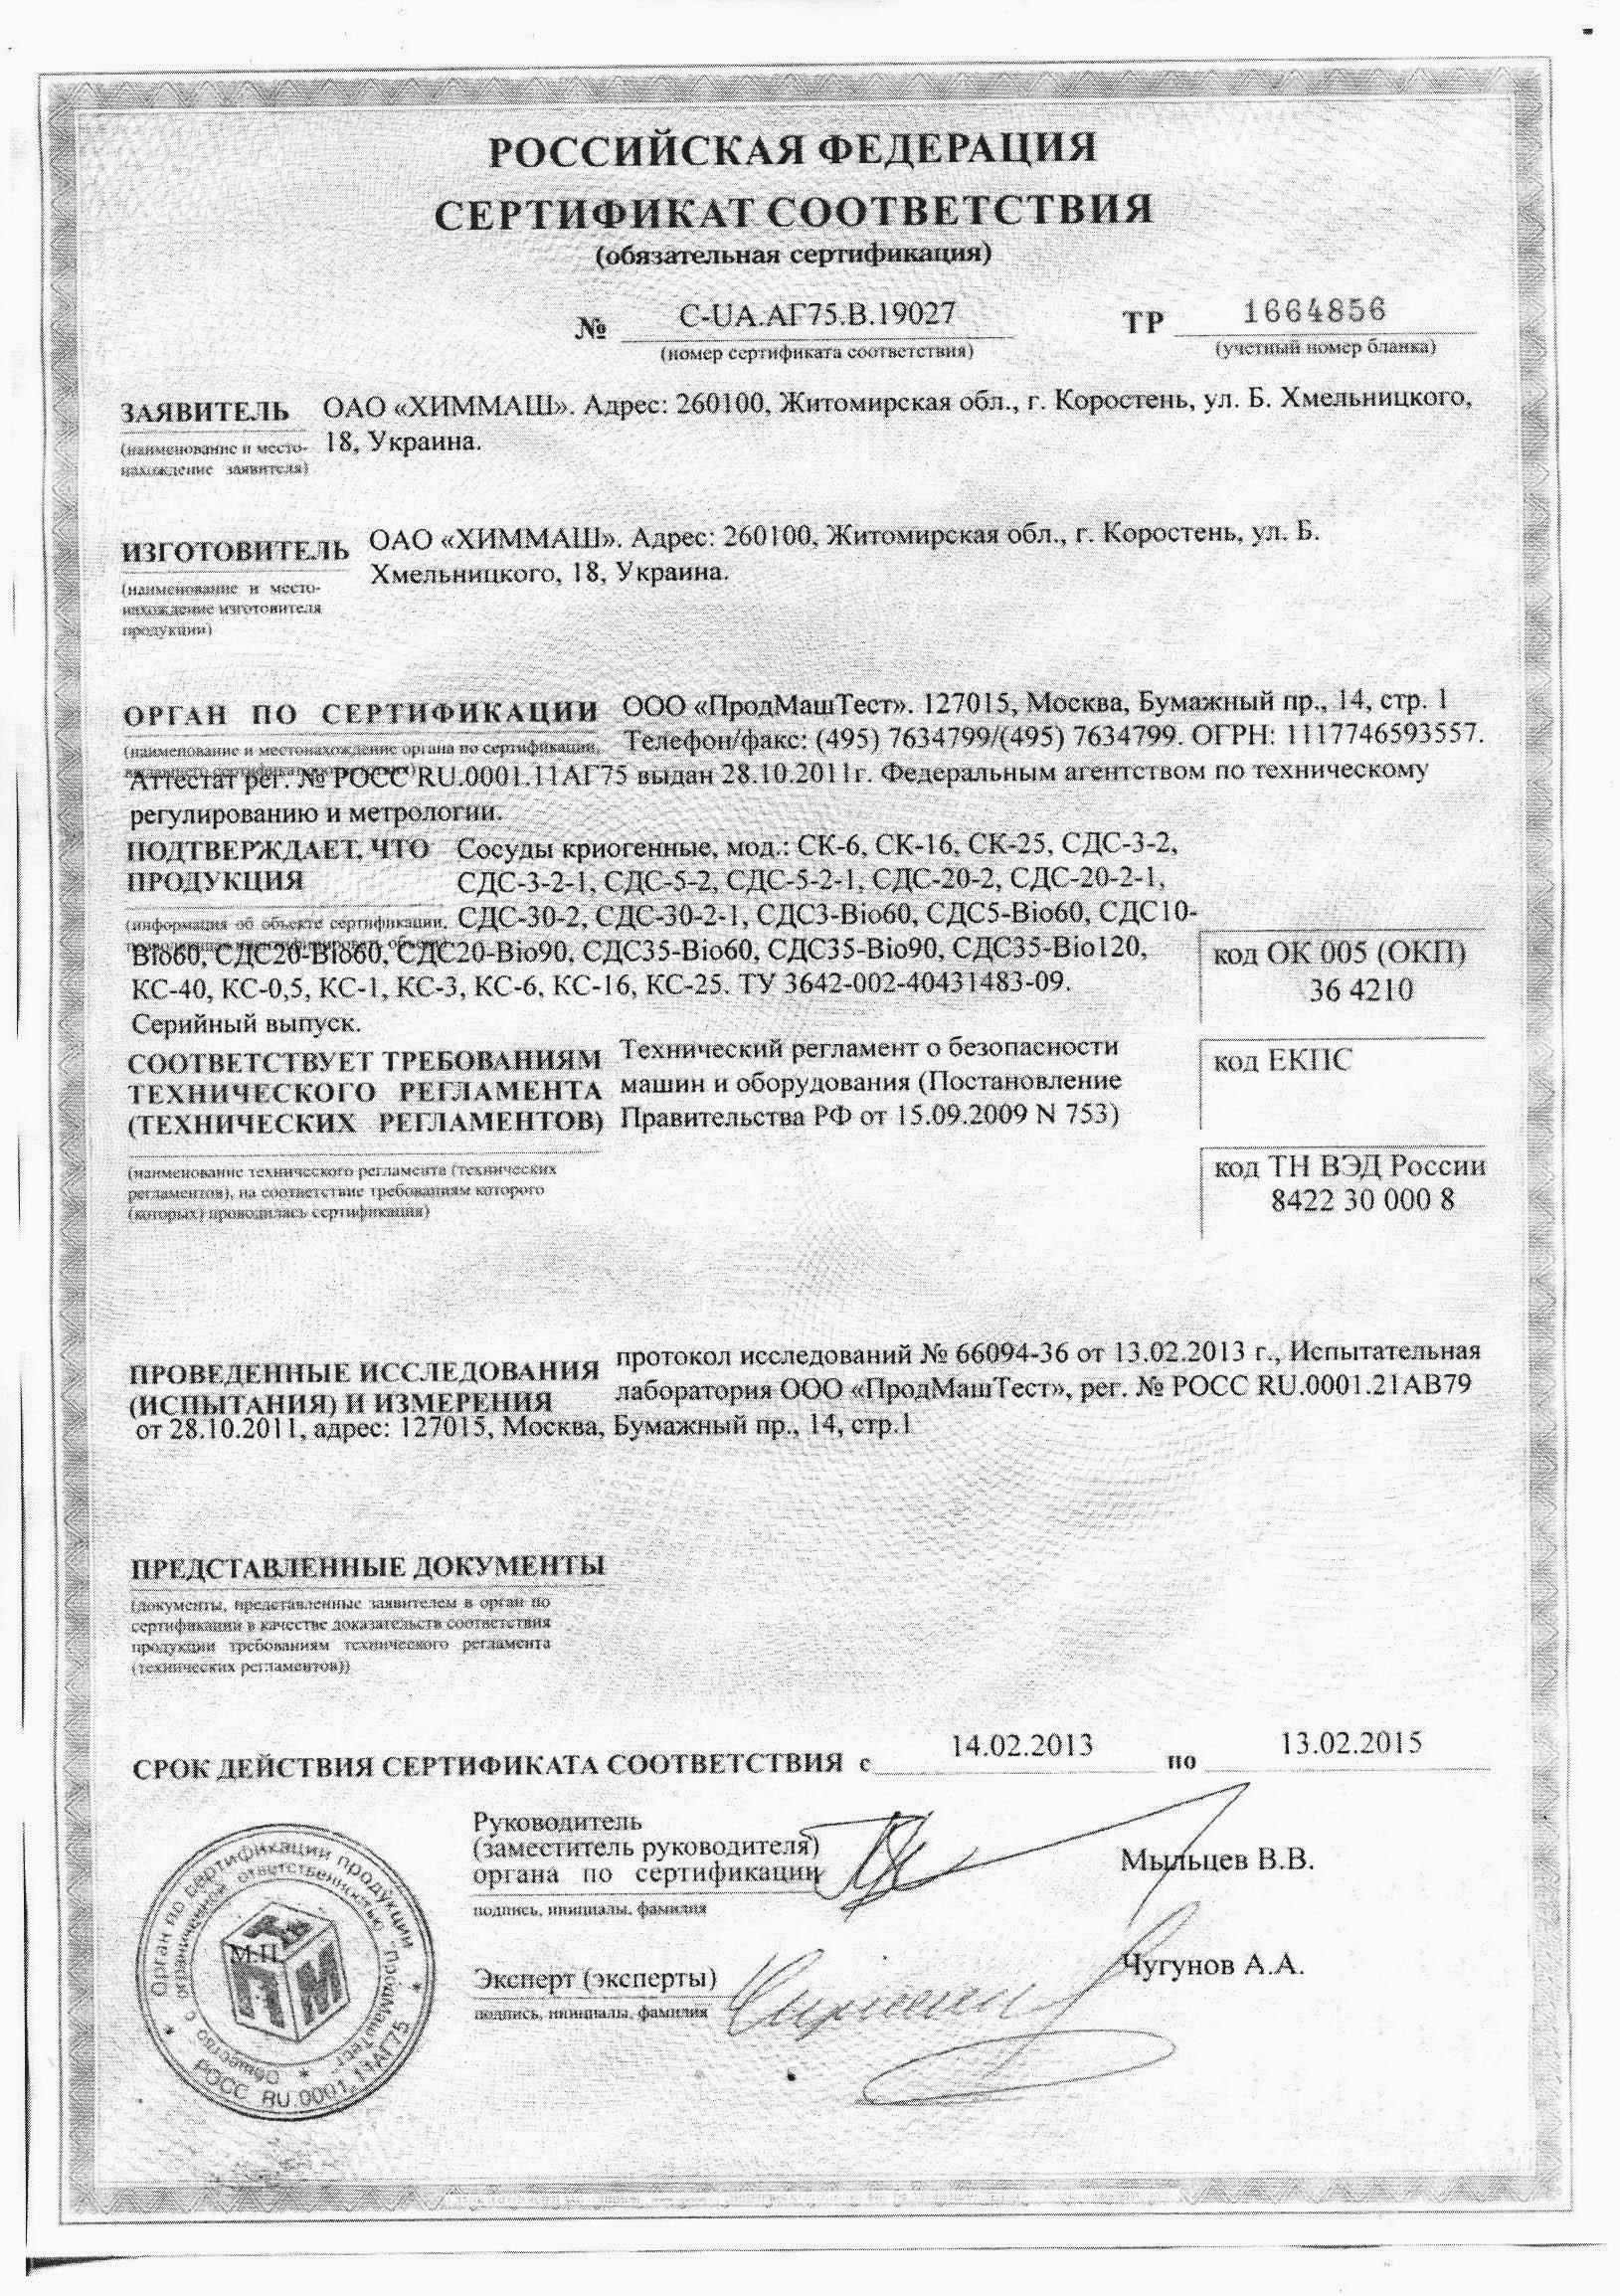 сертификат СК, СДС сосуды криогенные Дьара